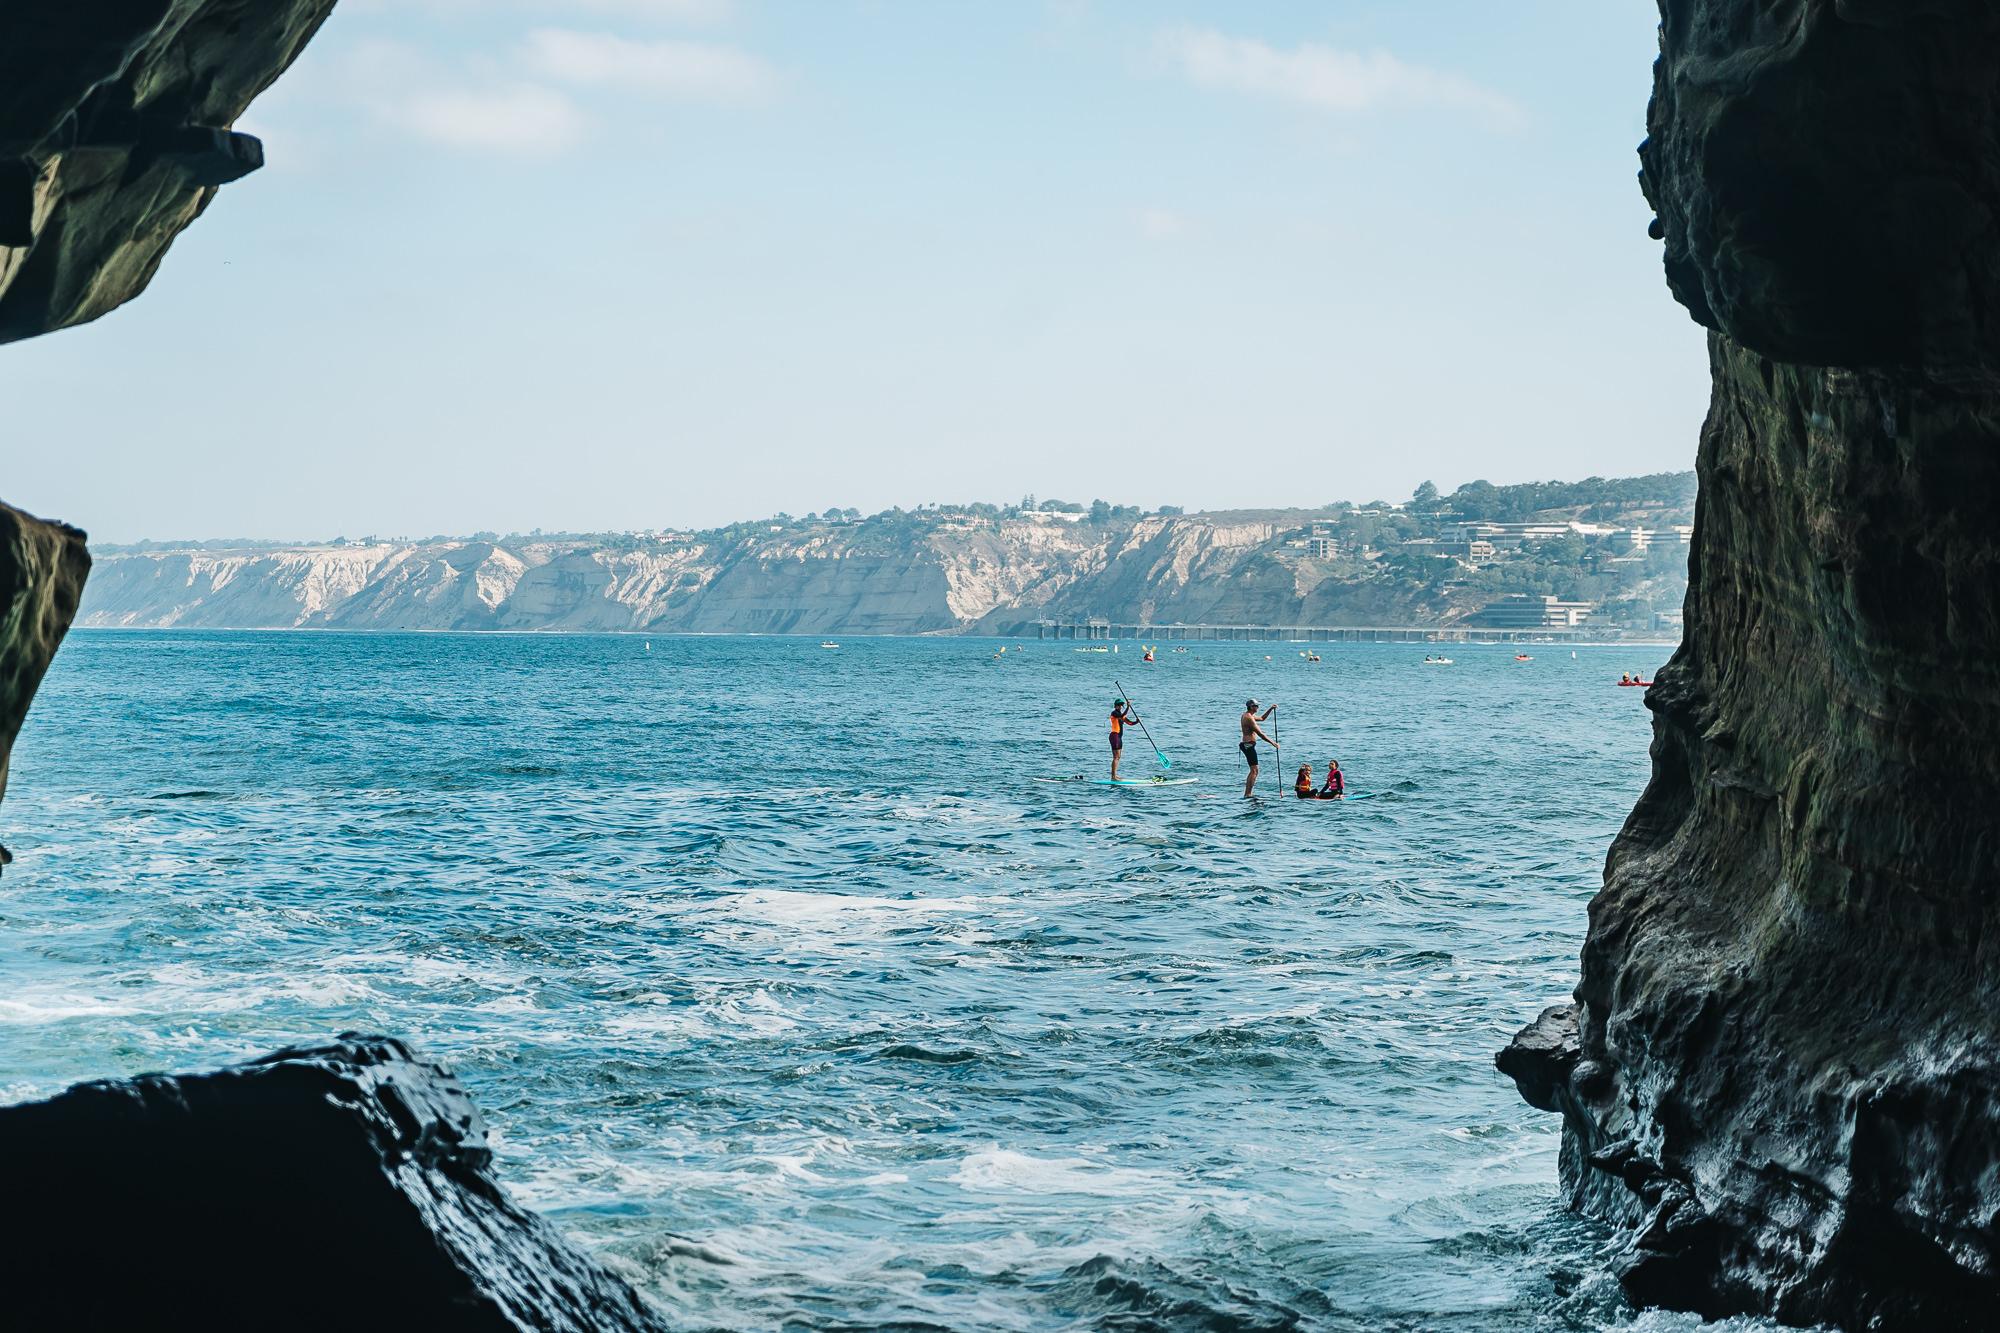 Sunny Jim Cave in La Jolla, California